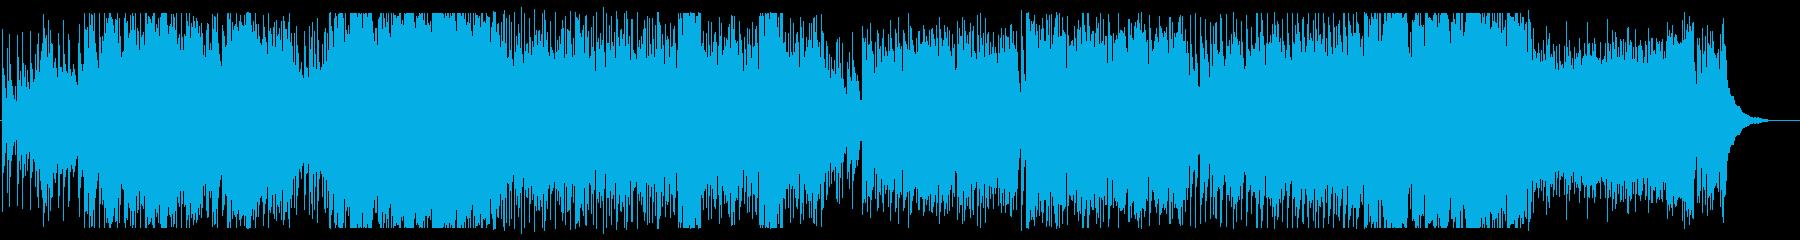 美しくドキドキ感のある弦管楽器サウンドの再生済みの波形